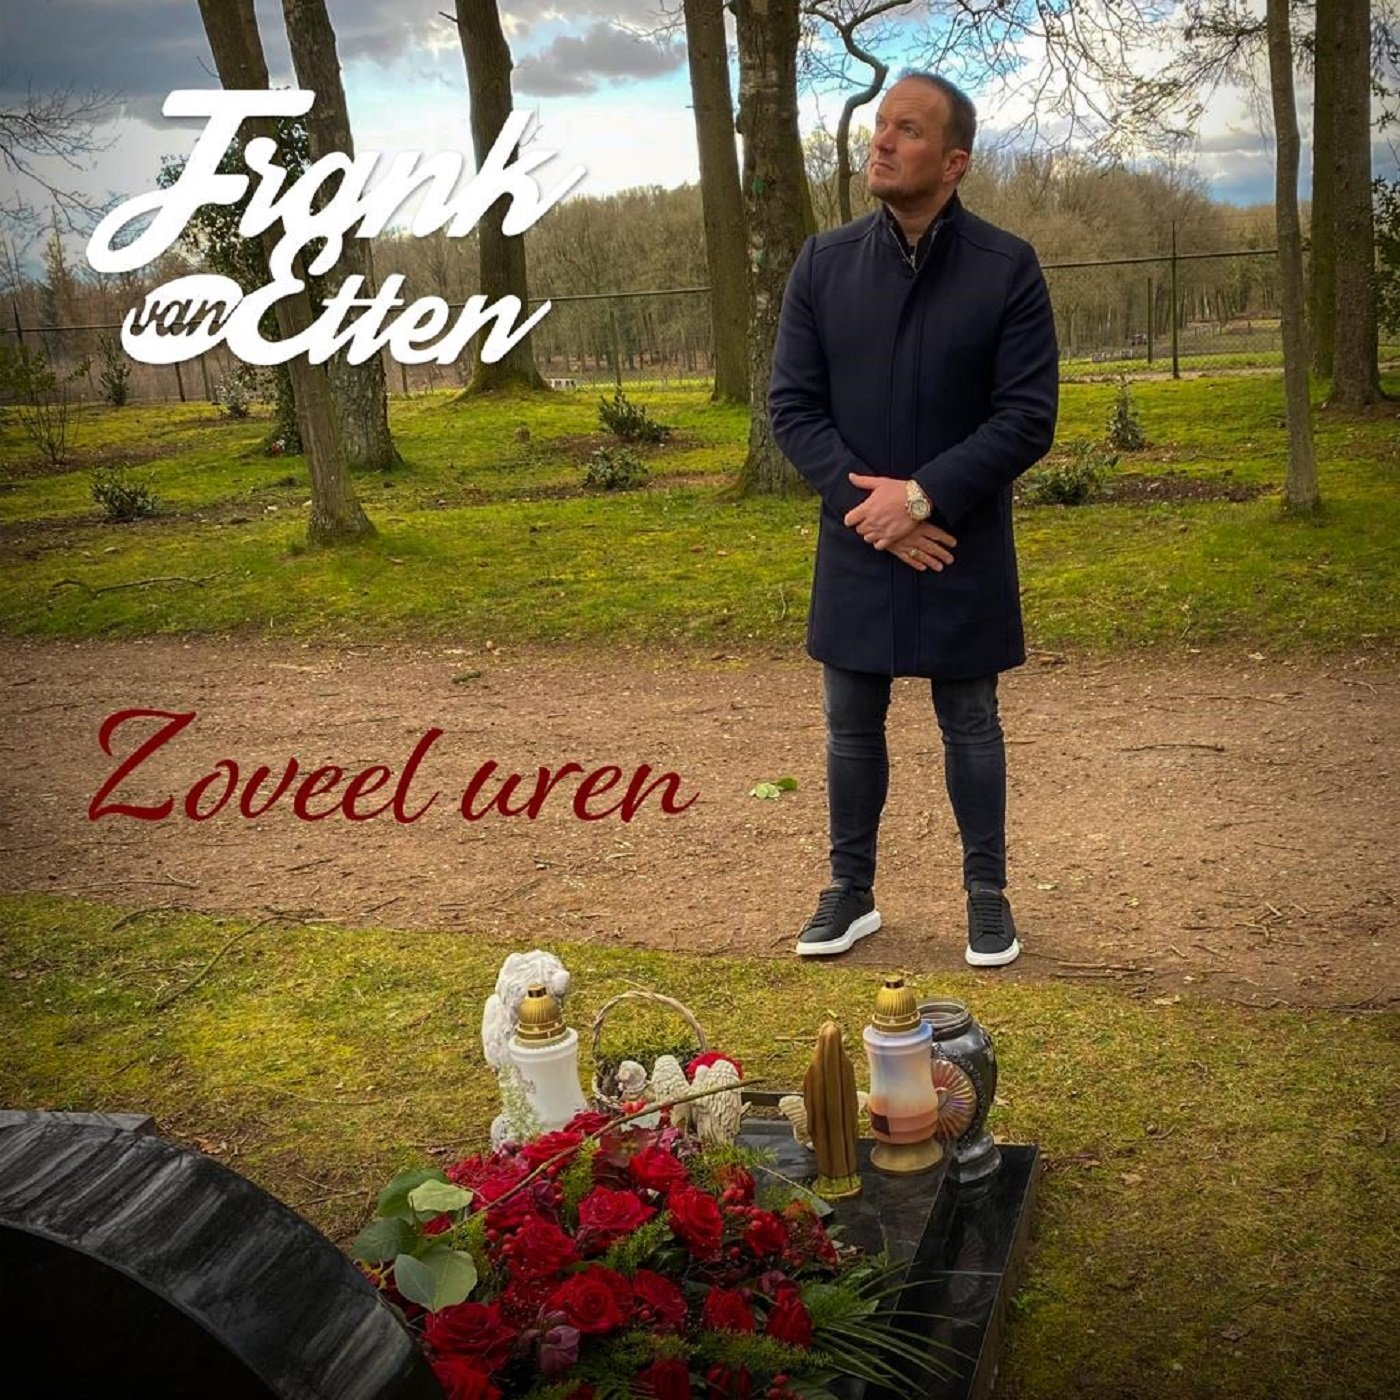 Nieuwe single Frank van Etten: 'Zoveel uren'